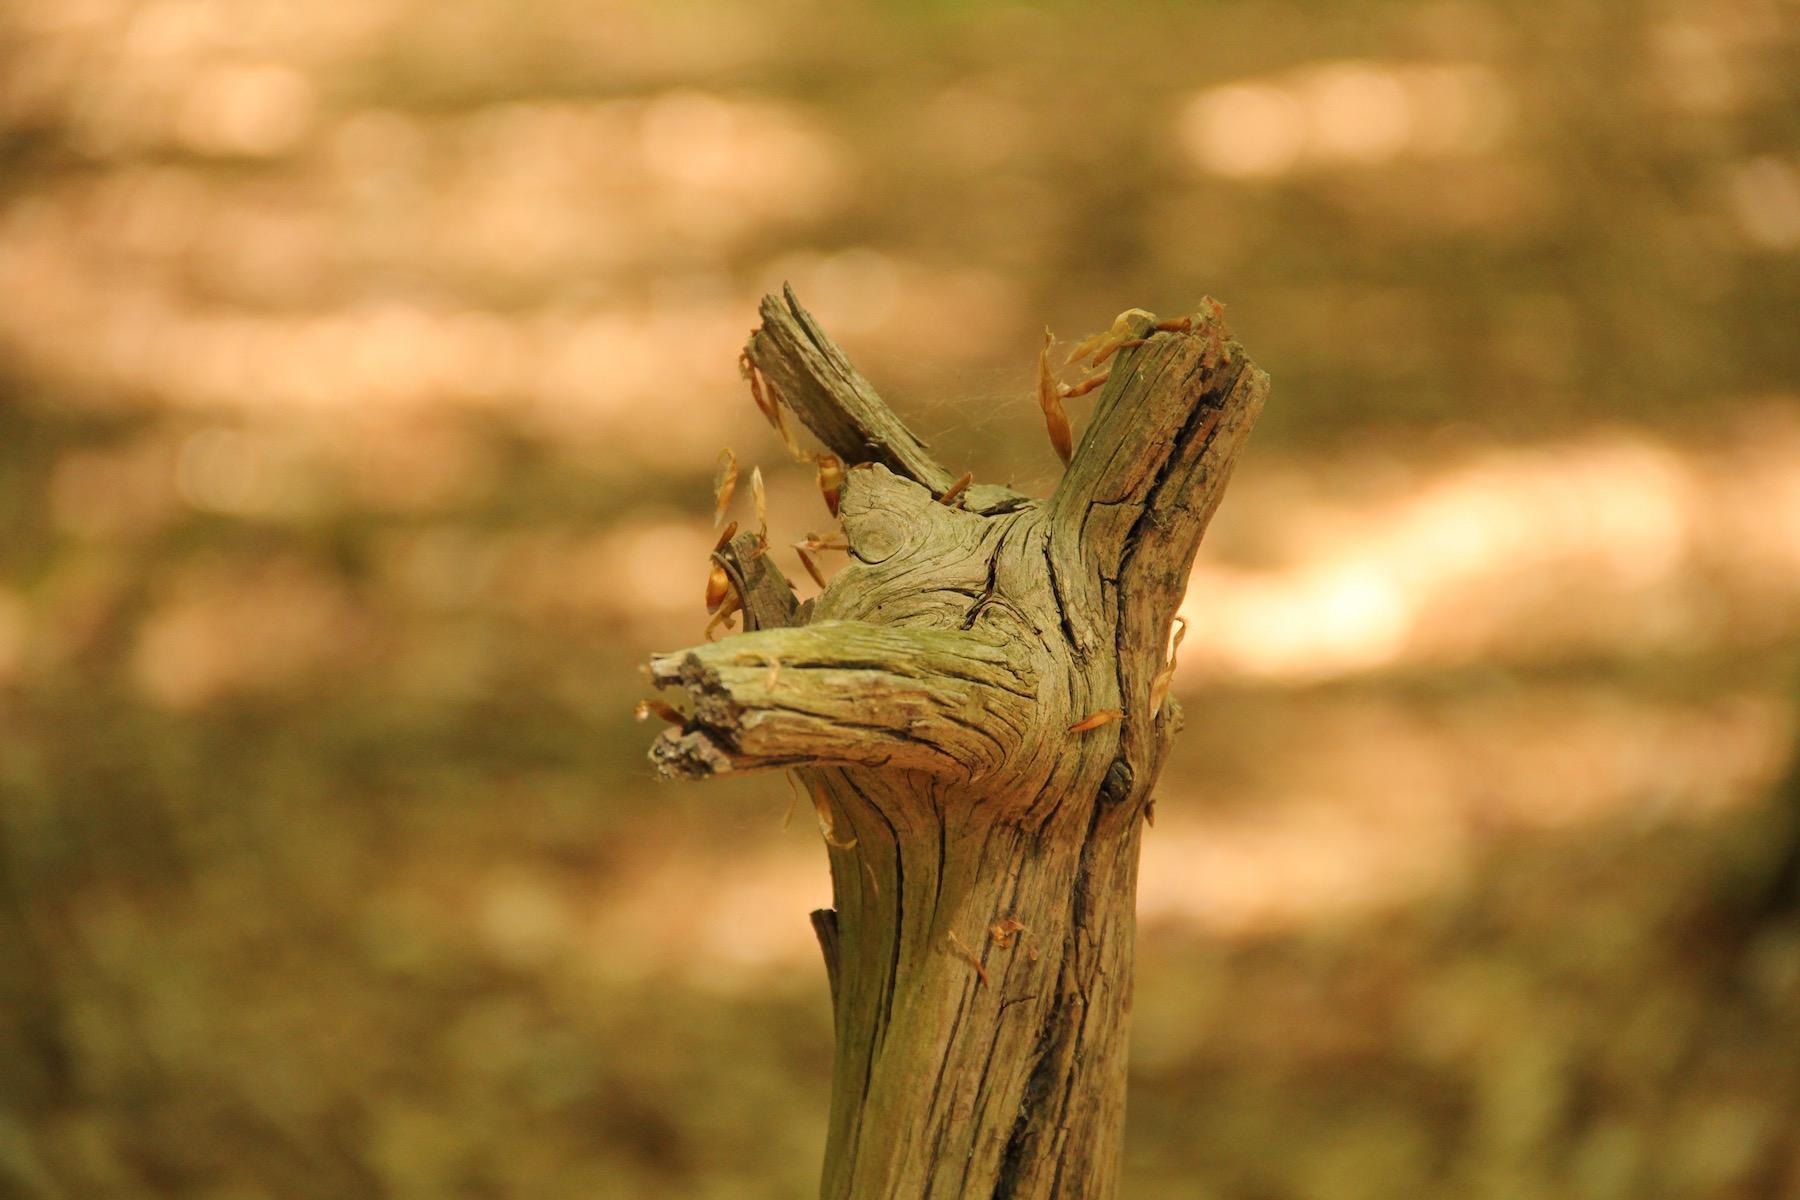 Baumstumpf, der an Hals und Kopf eines Fuchses erinnert